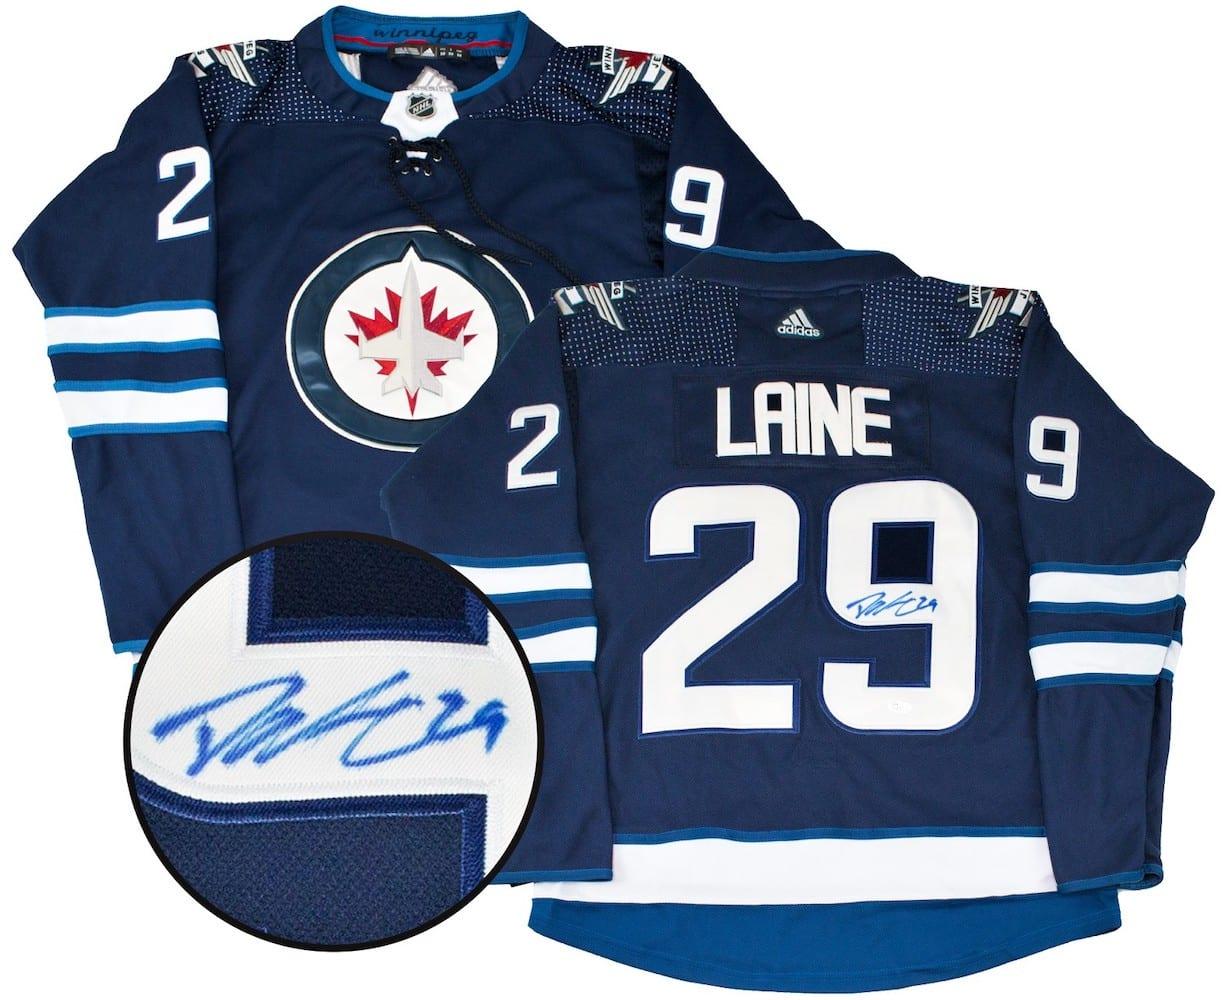 new product c40f1 64a42 Patrik Laine Autographed Winnipeg Jets Jersey